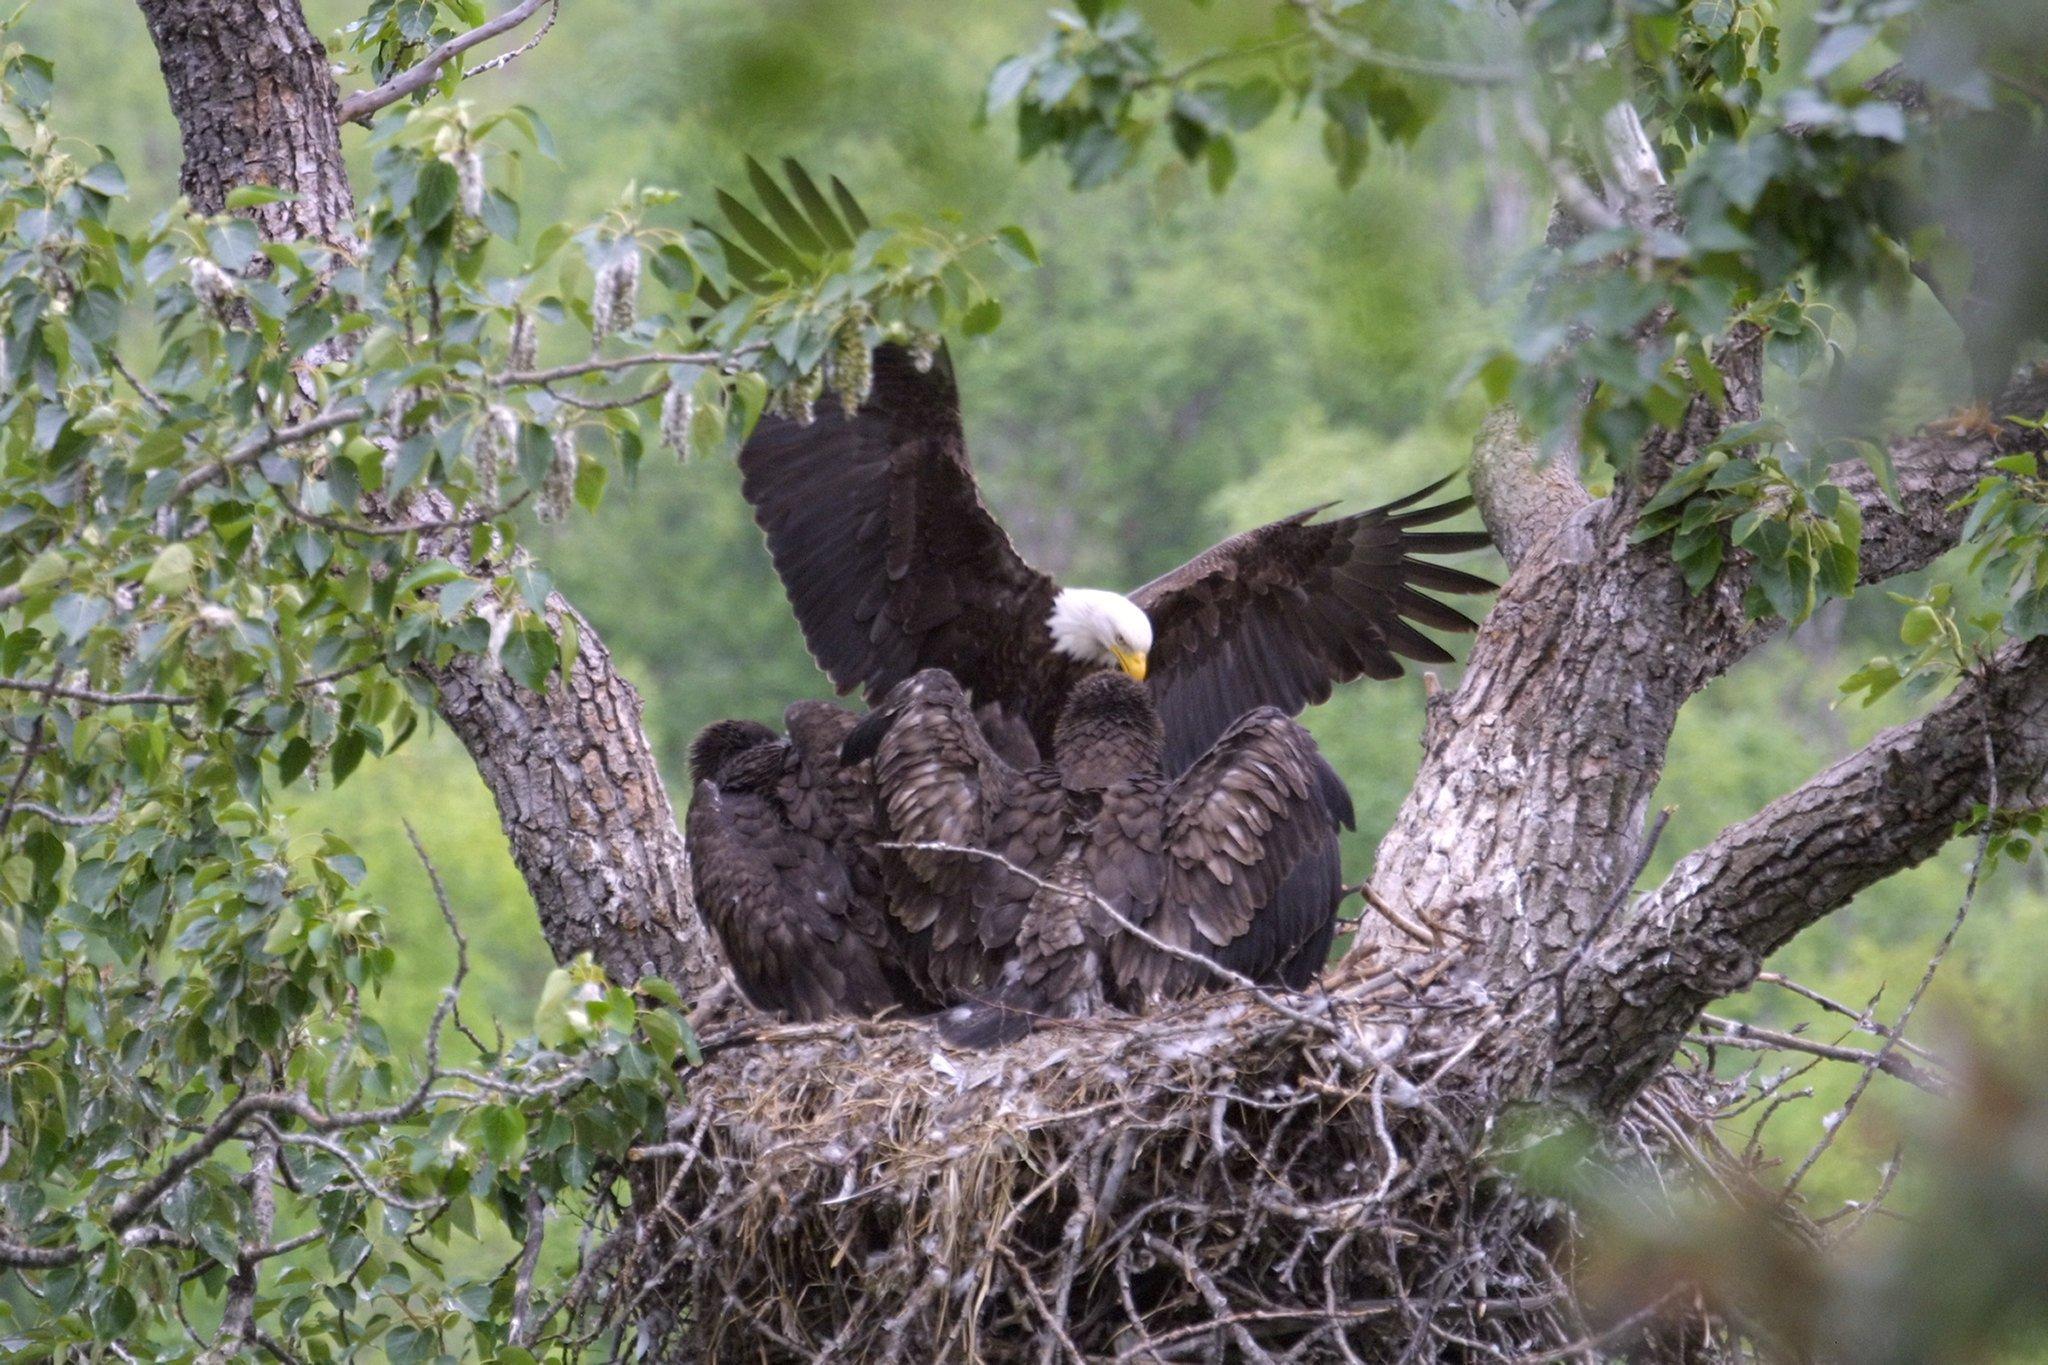 Catalina Bald Eagles